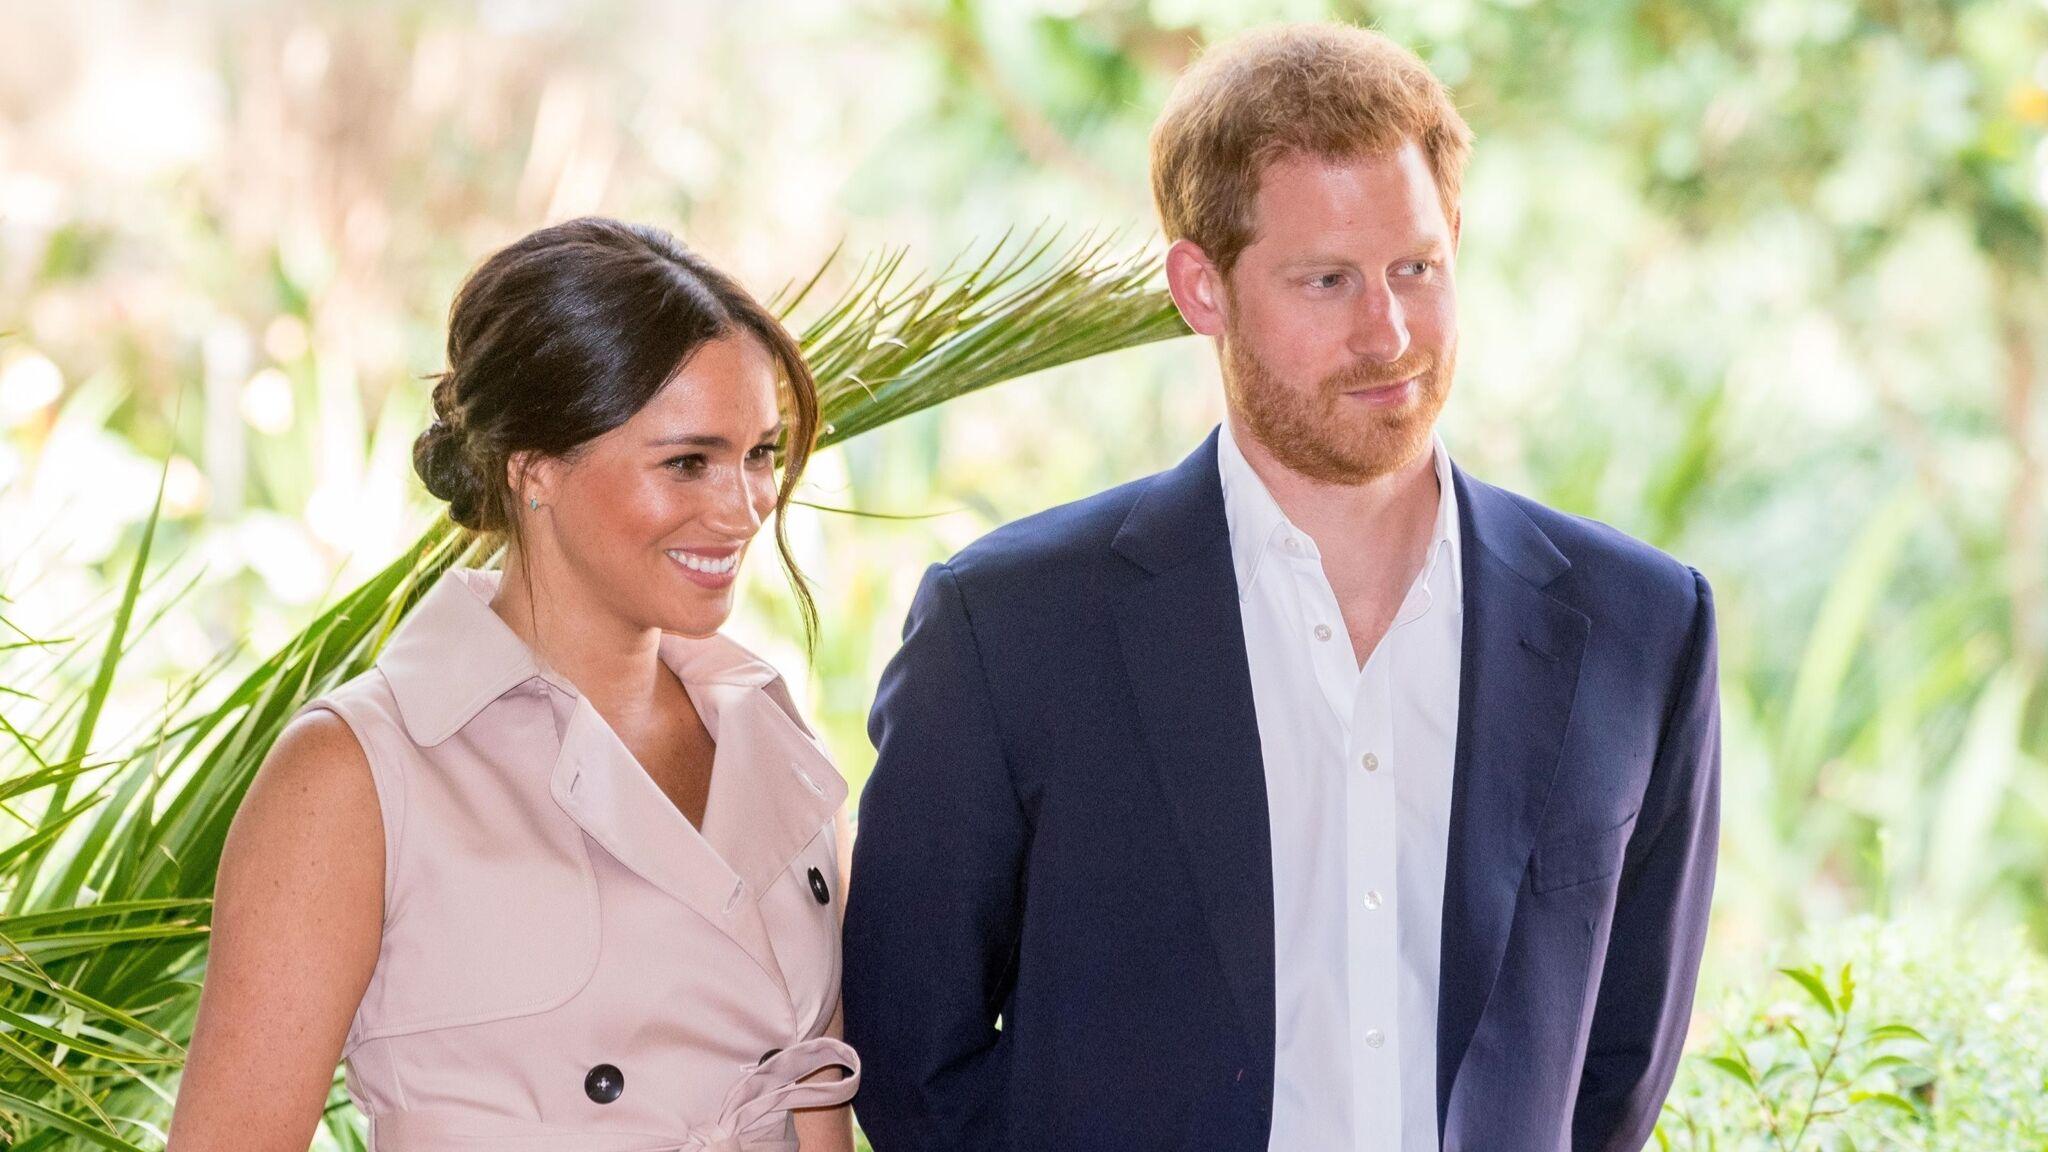 Le prince Harry et Meghan Markle visés par de graves accusations concernant leur fils Archie